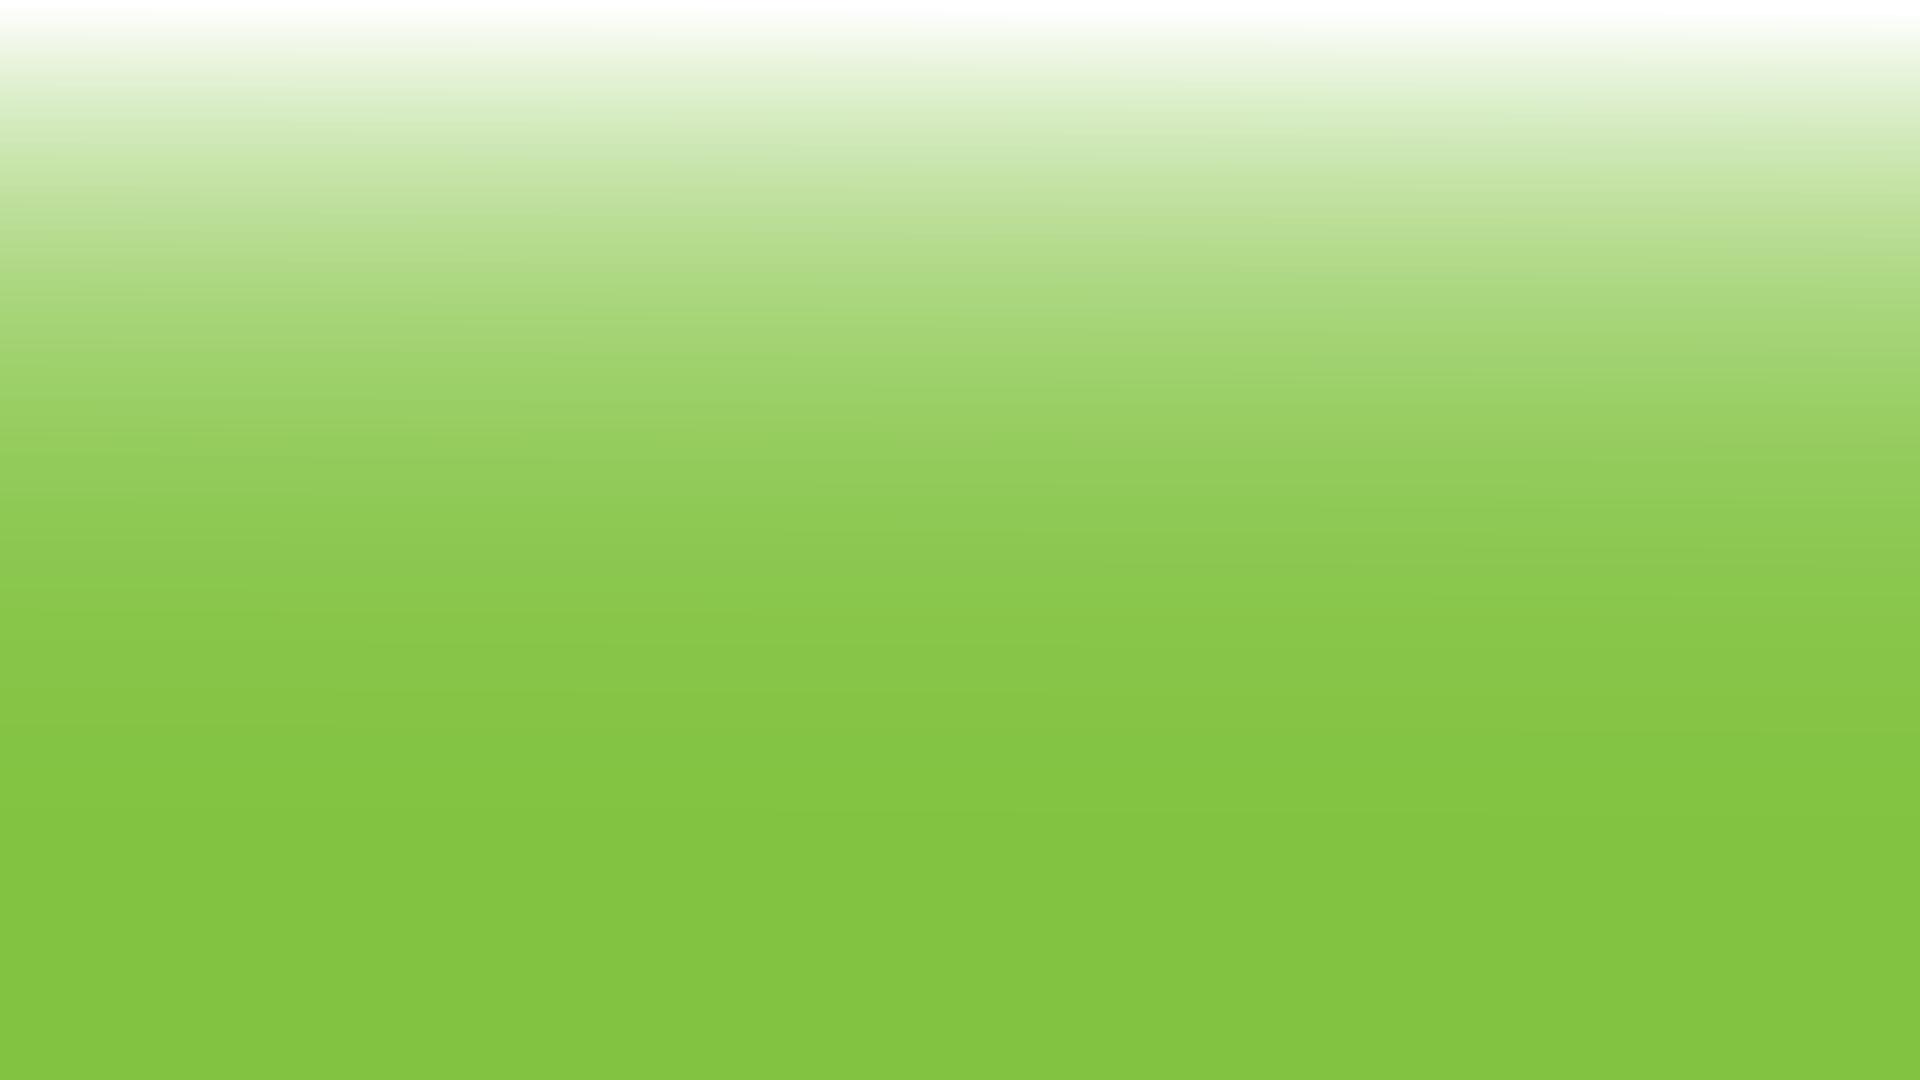 Website-Gradient-Block-Green.png